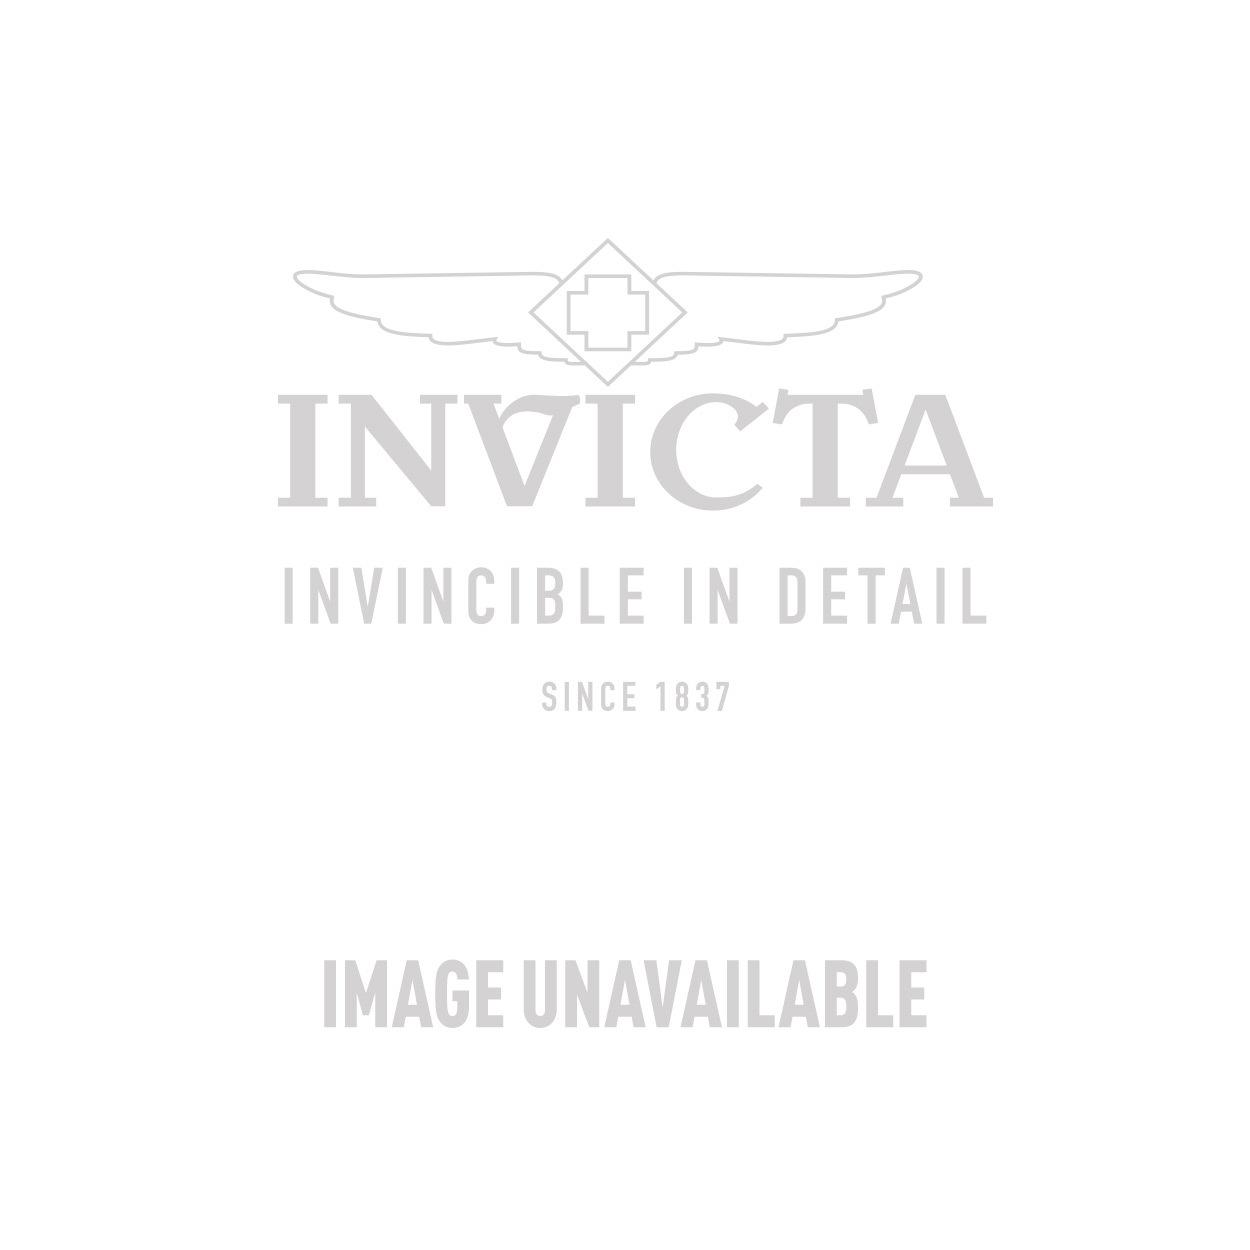 Invicta Model  24158